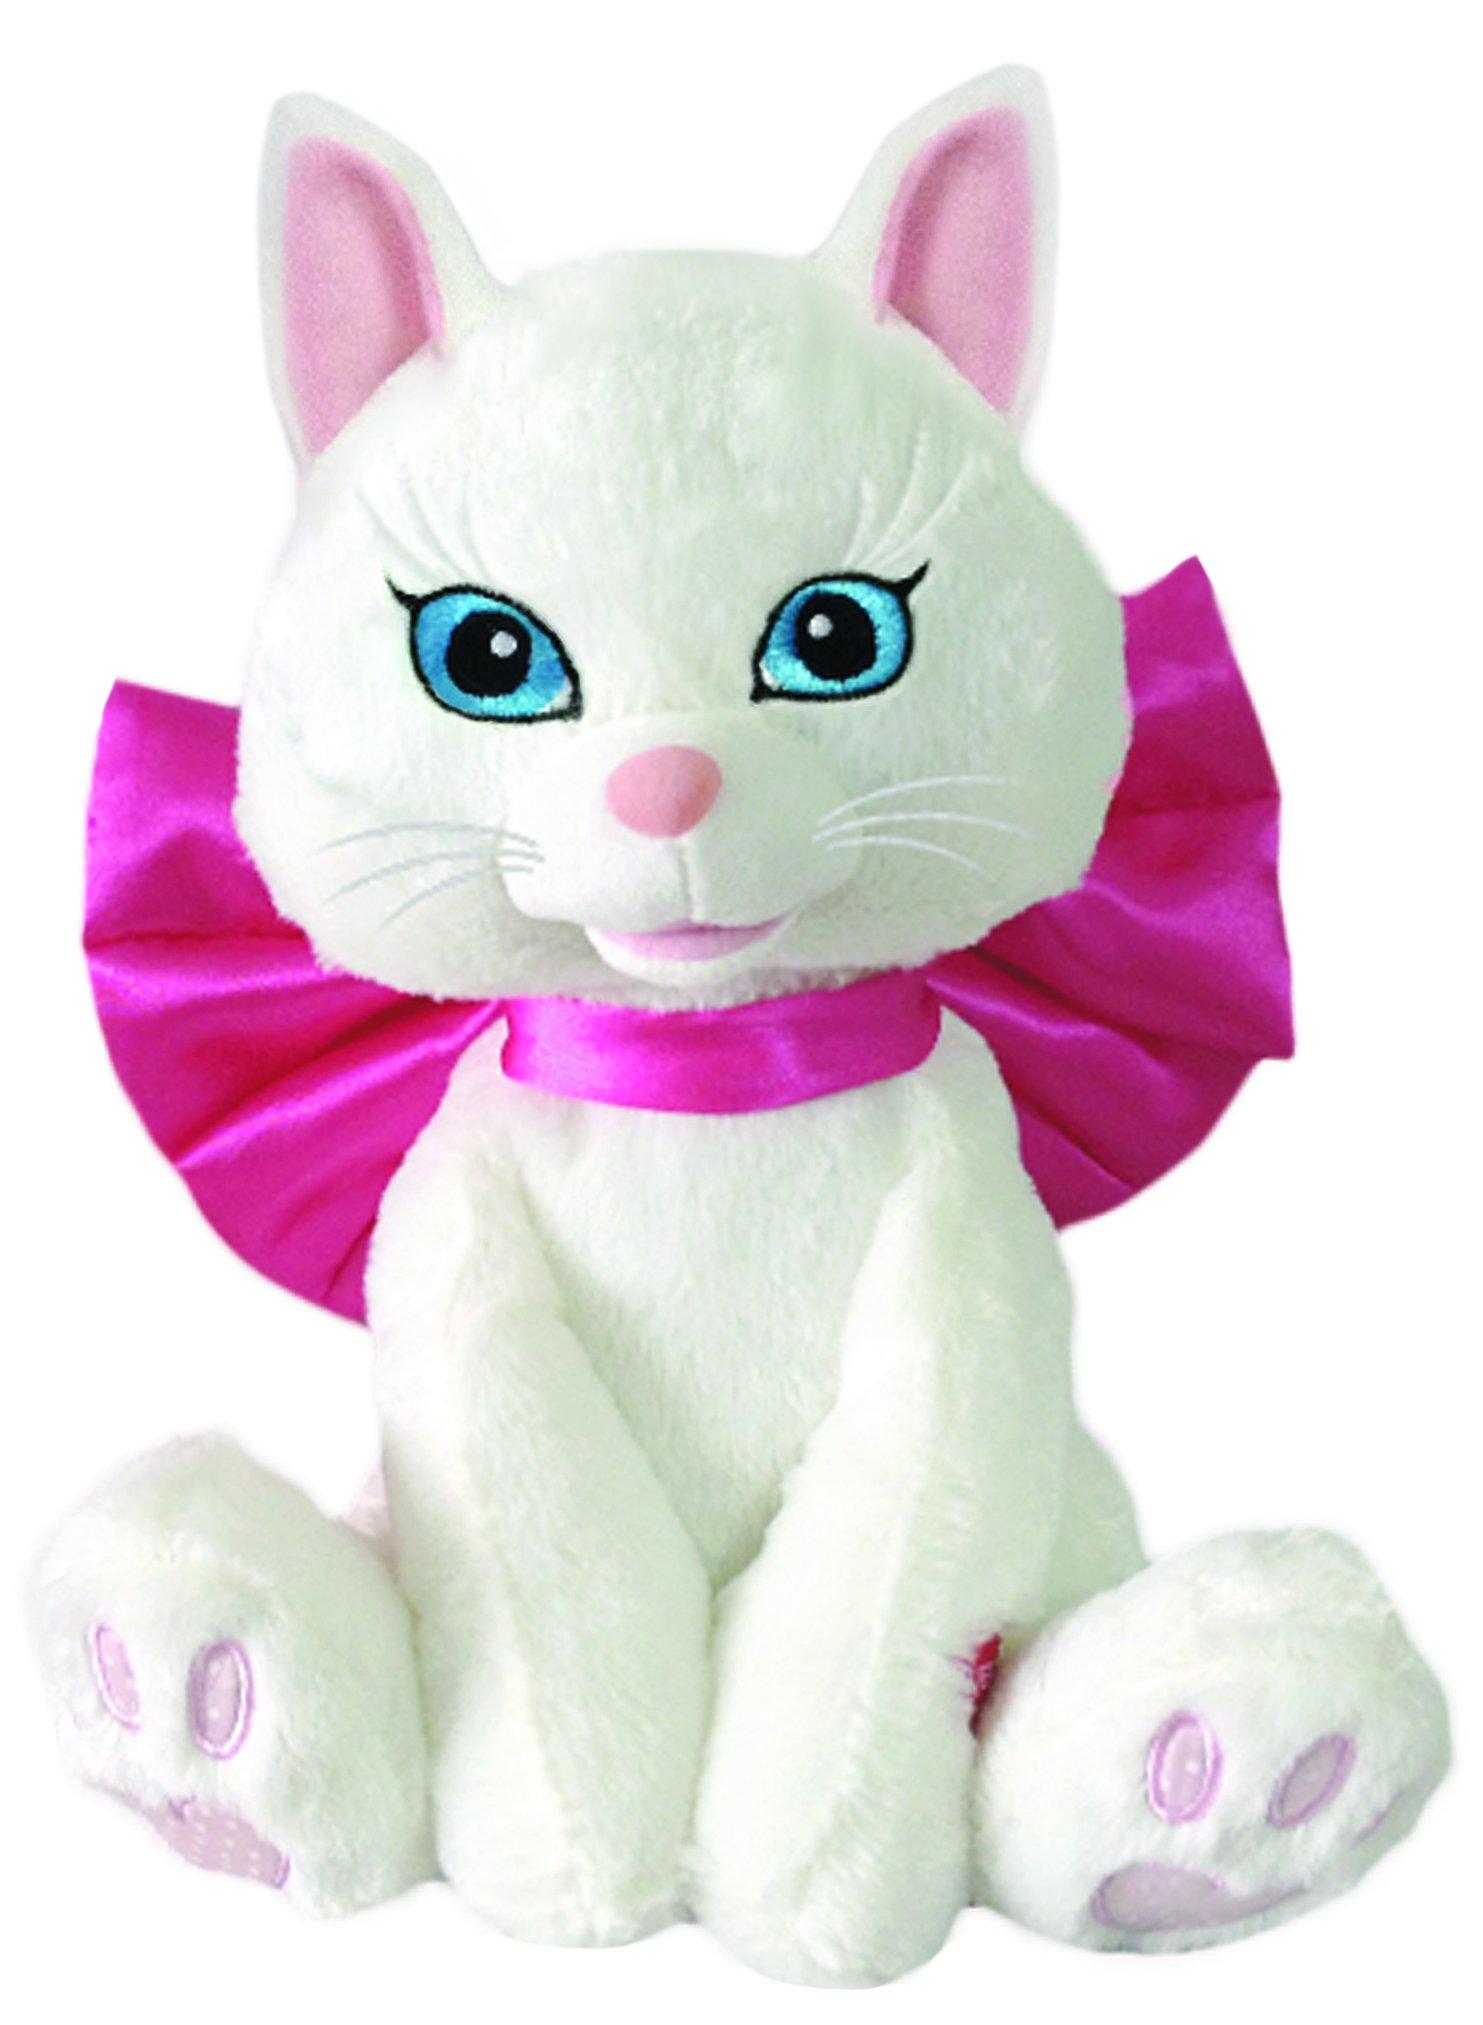 Chantilly Lane ''Smitten Kitten White Kitten with Big Bow Sings L.O.V.E. Plush, 12'' by Chantilly Lane